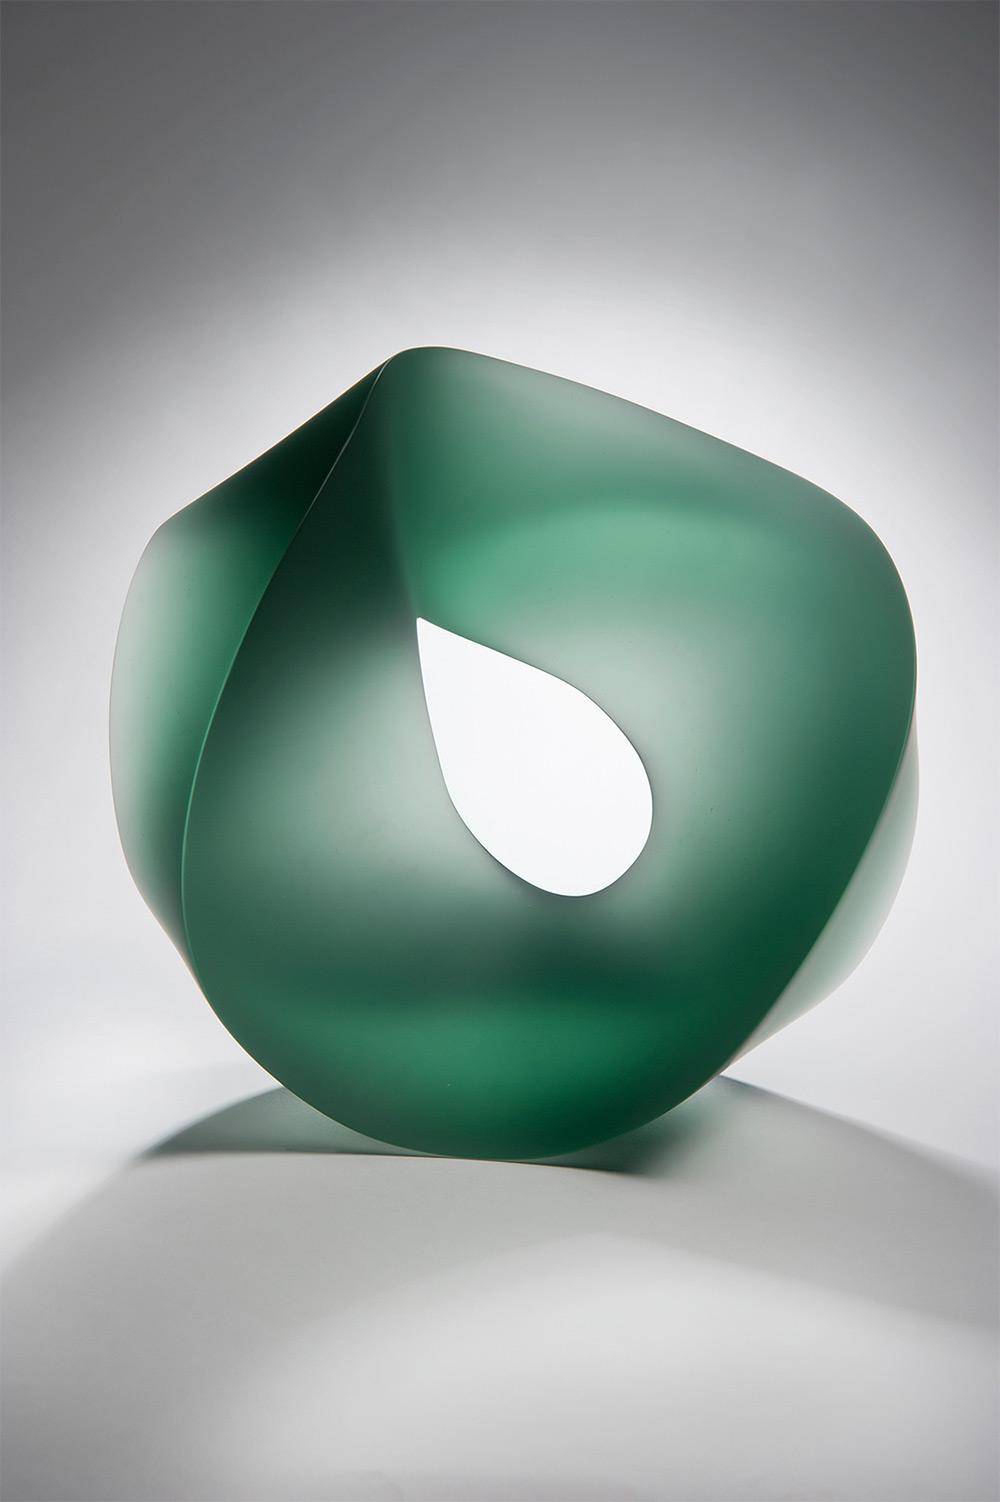 Хайке Брачлоу: цветные модульные скульптуры из литого стекла